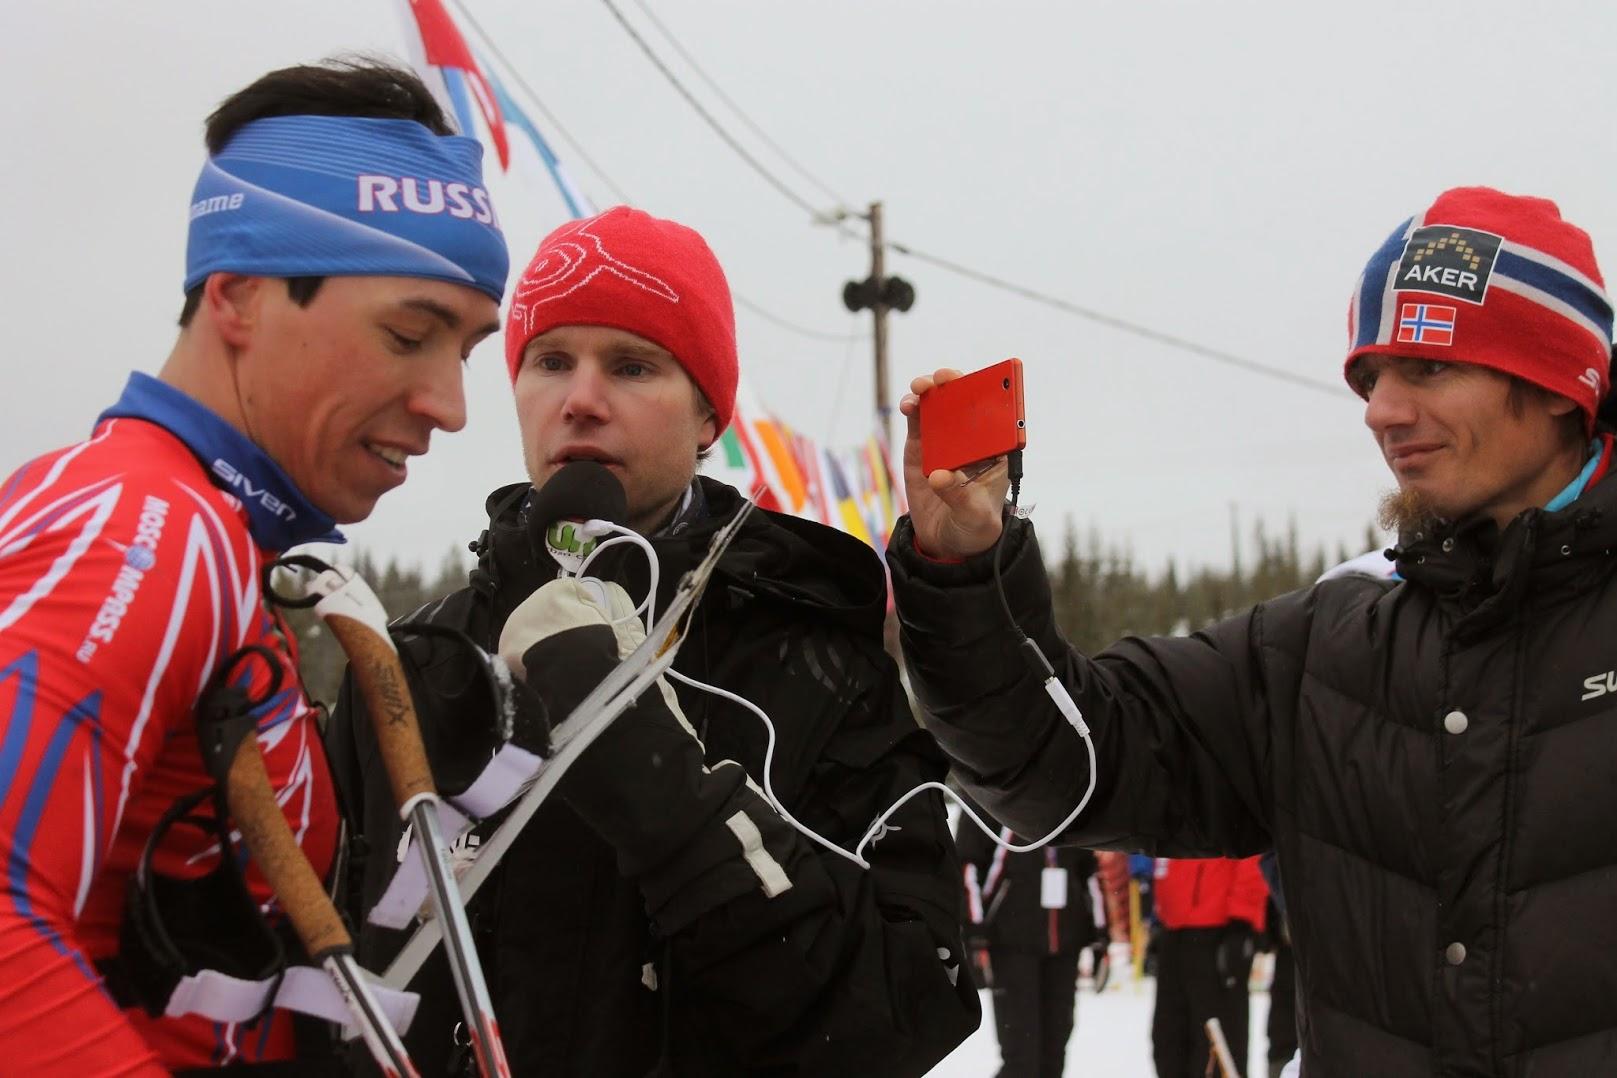 Череповчанин завоевал четыре медали на Чемпионате мира по спортивному ориентированию на лыжах